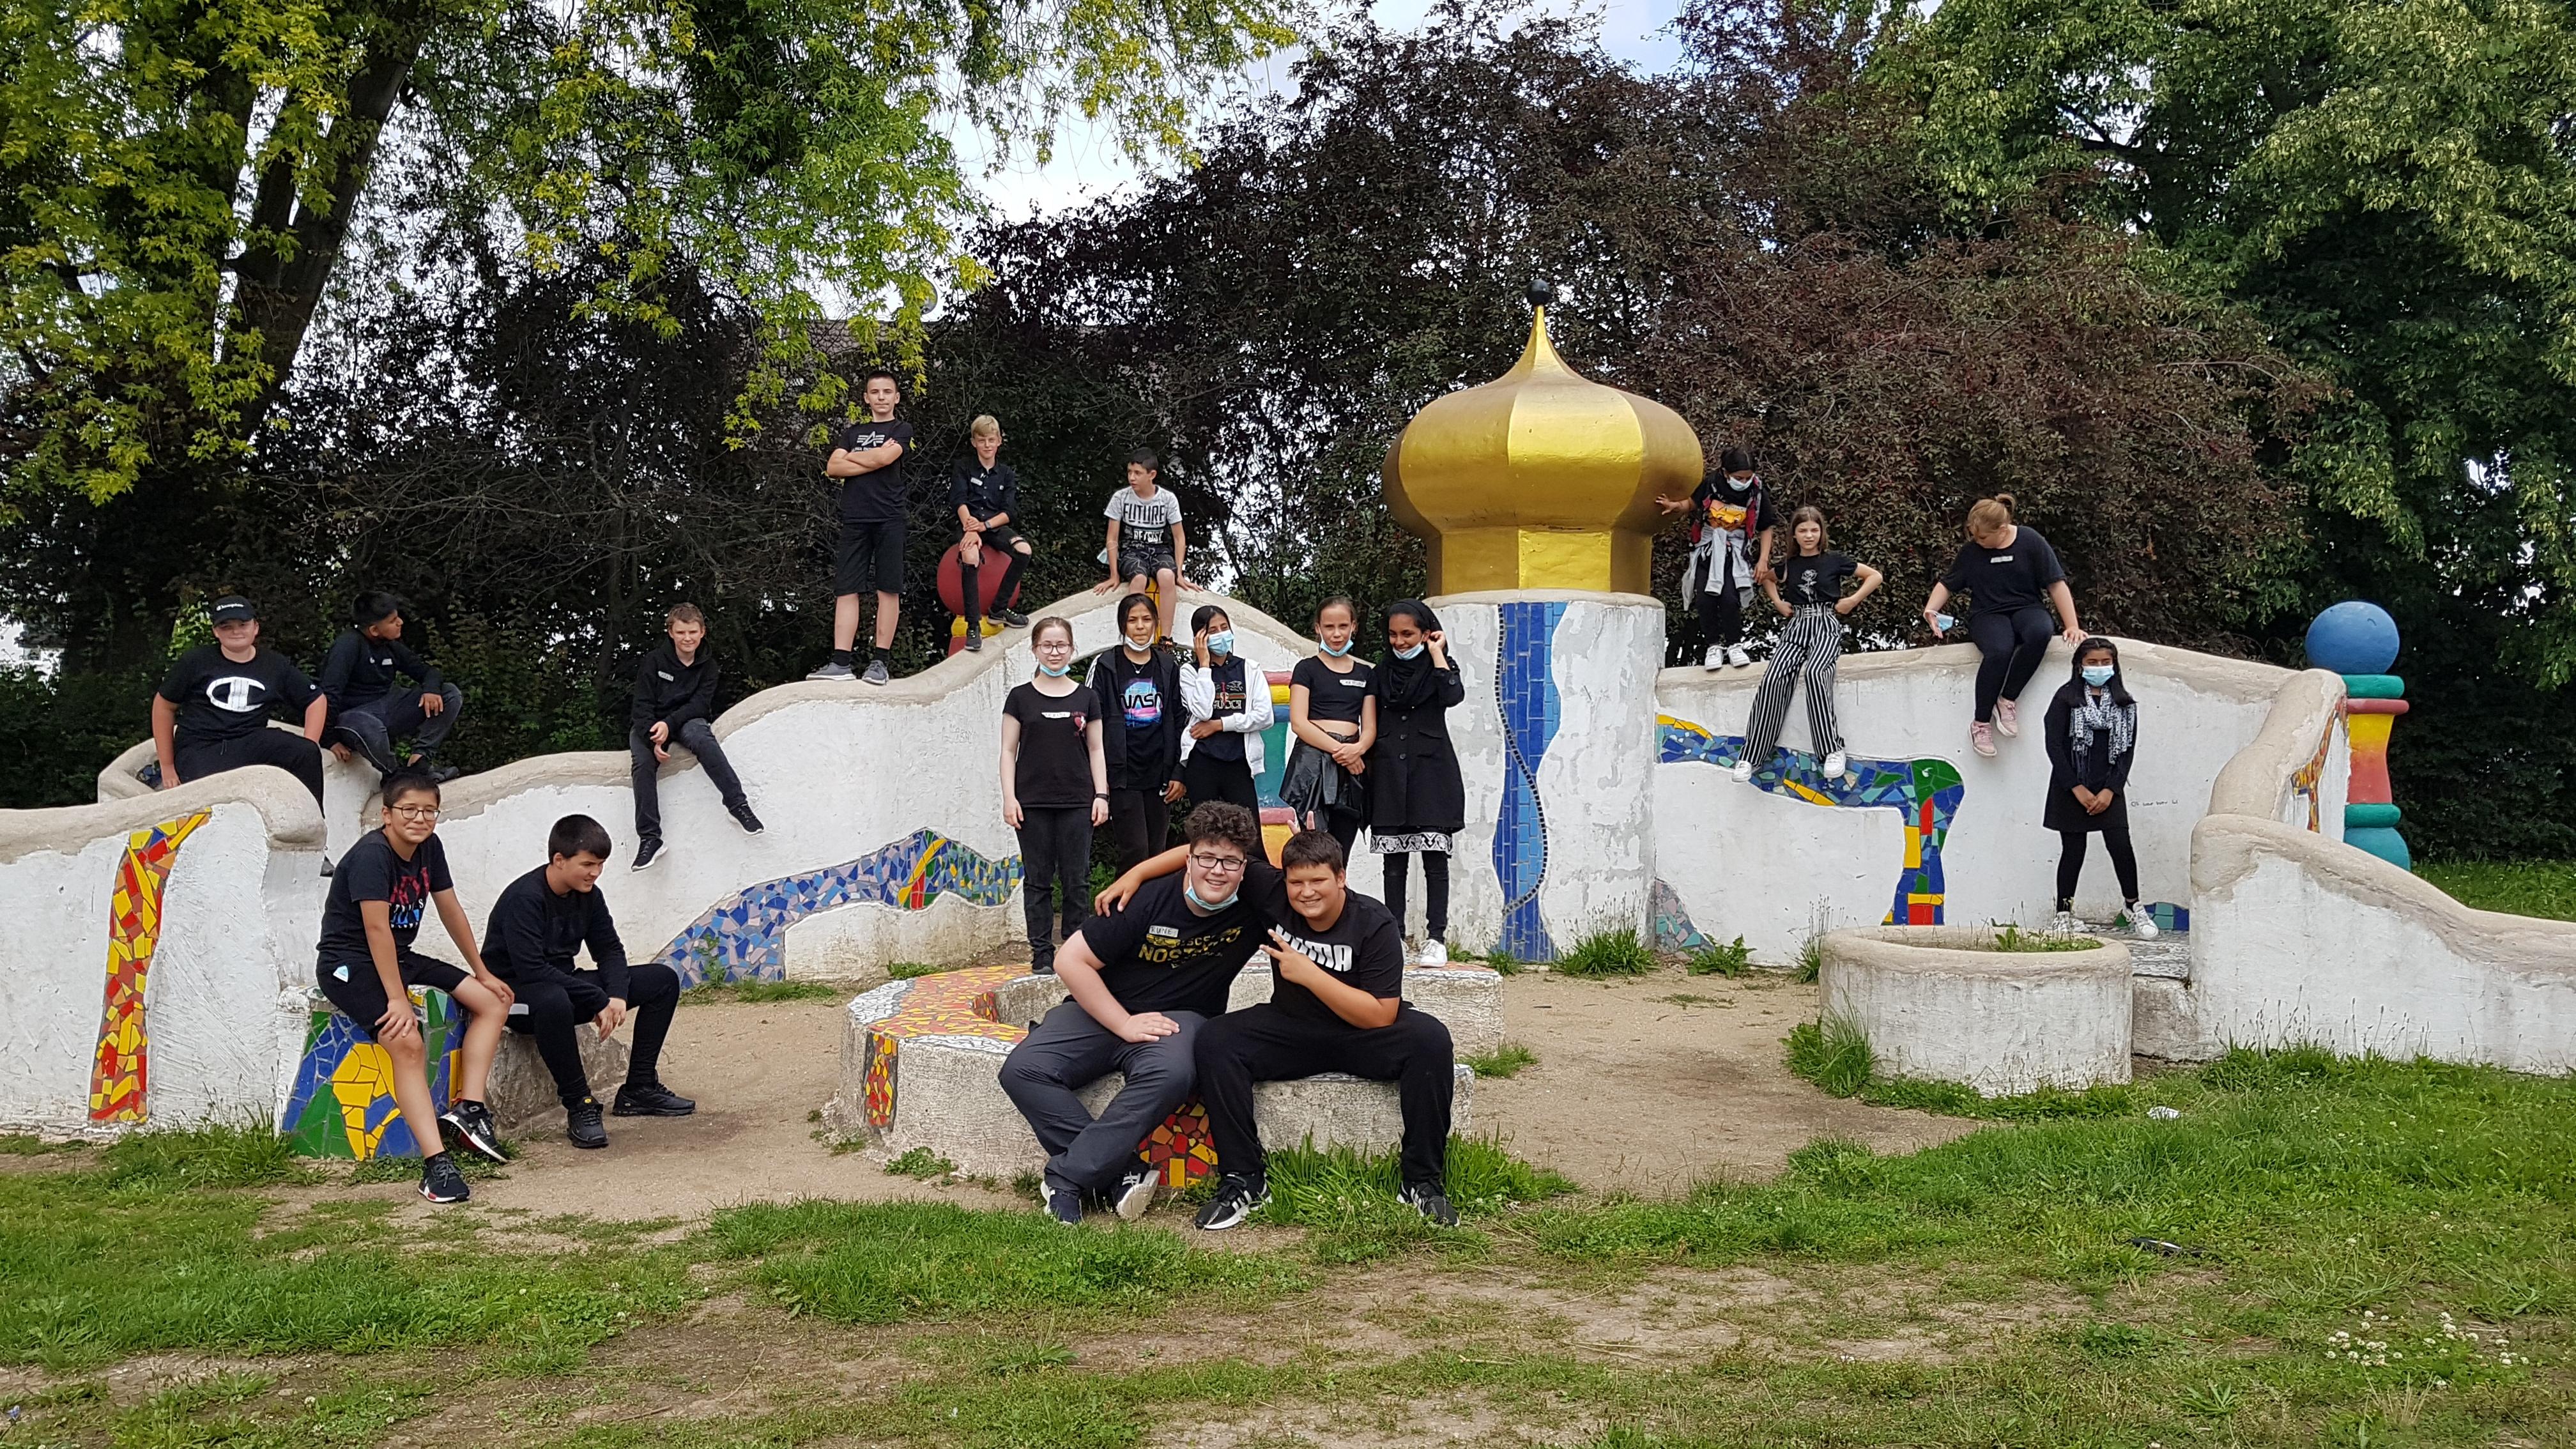 Mehrere Jugendliche auf Gruppenfoto